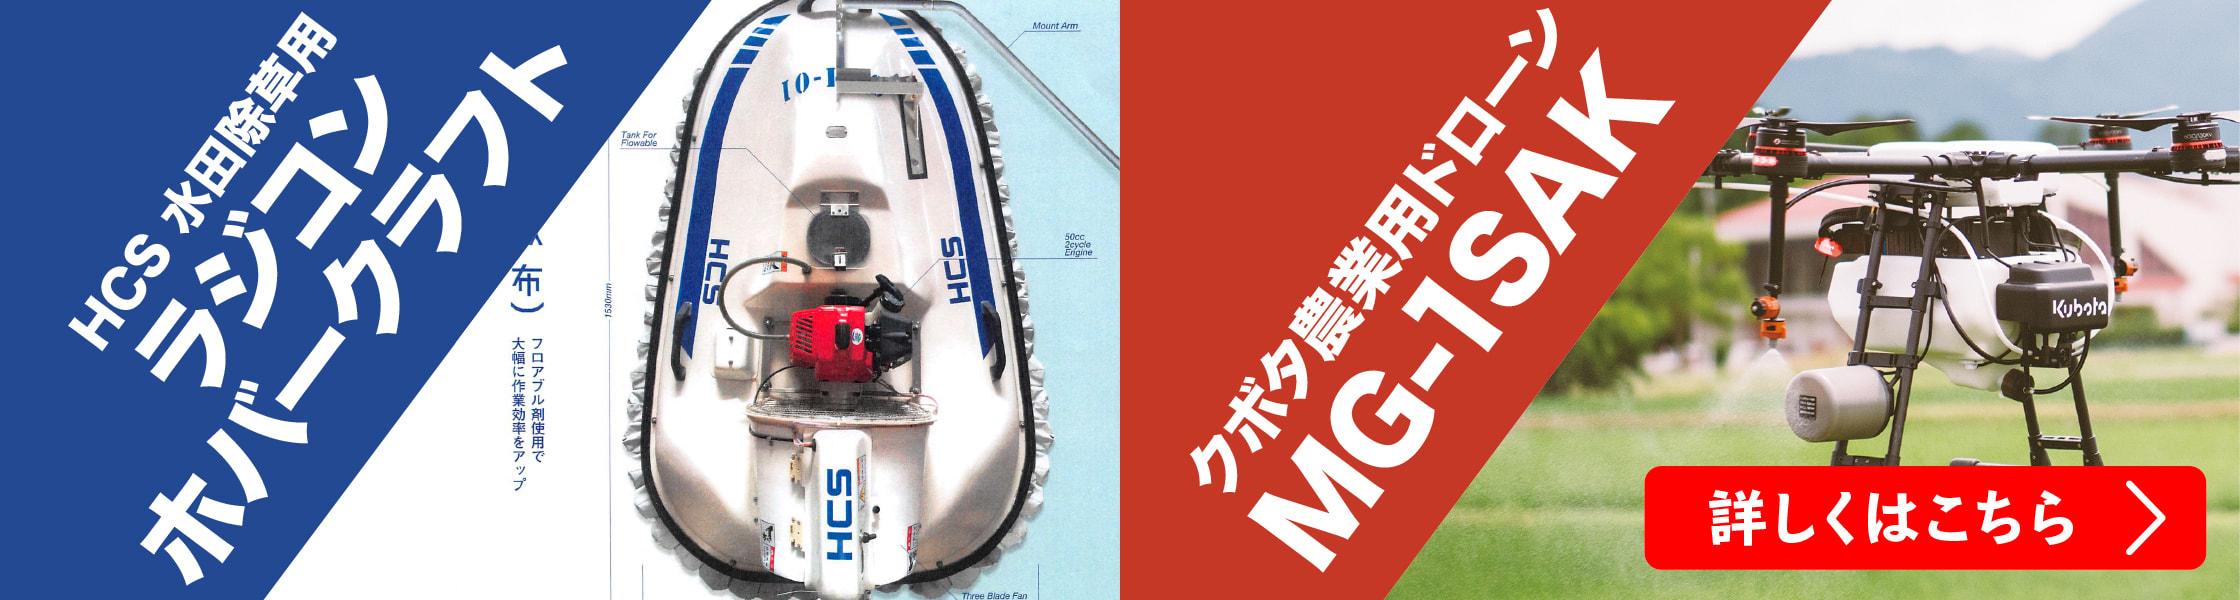 HCS水田除草用ラジコンホバークラフト&クボタ農業用ドローンMG-1SAK